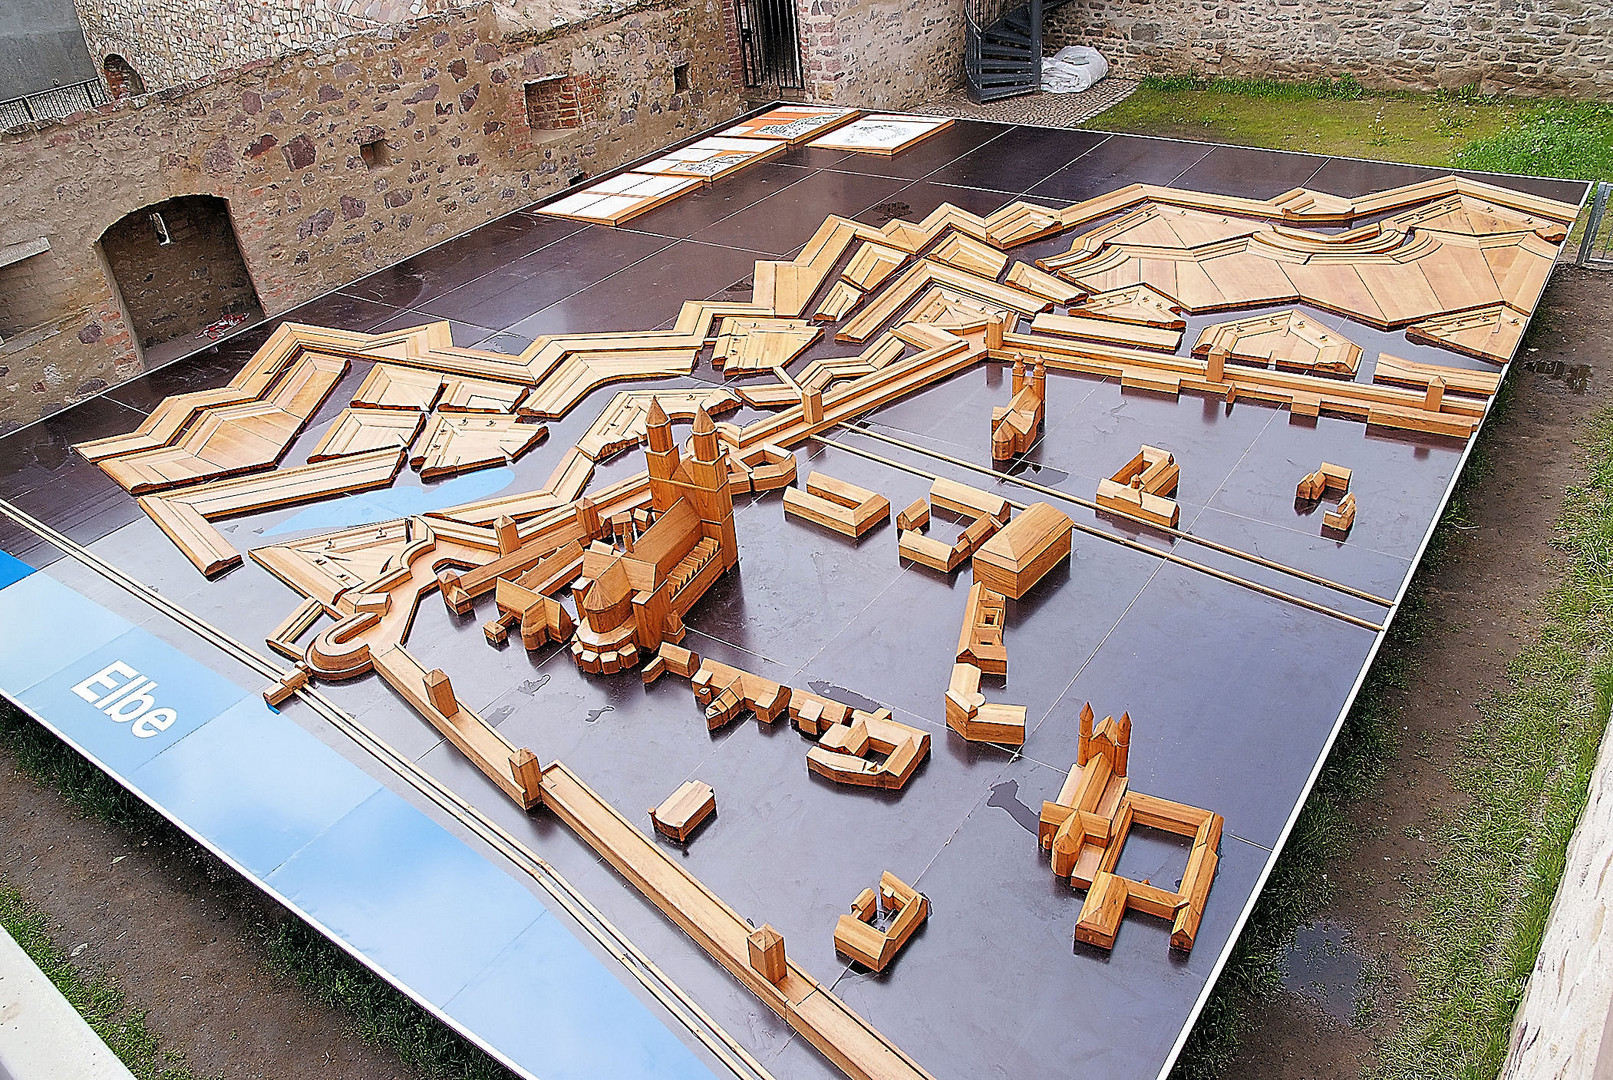 Modell der Zitadelle Magdeburg